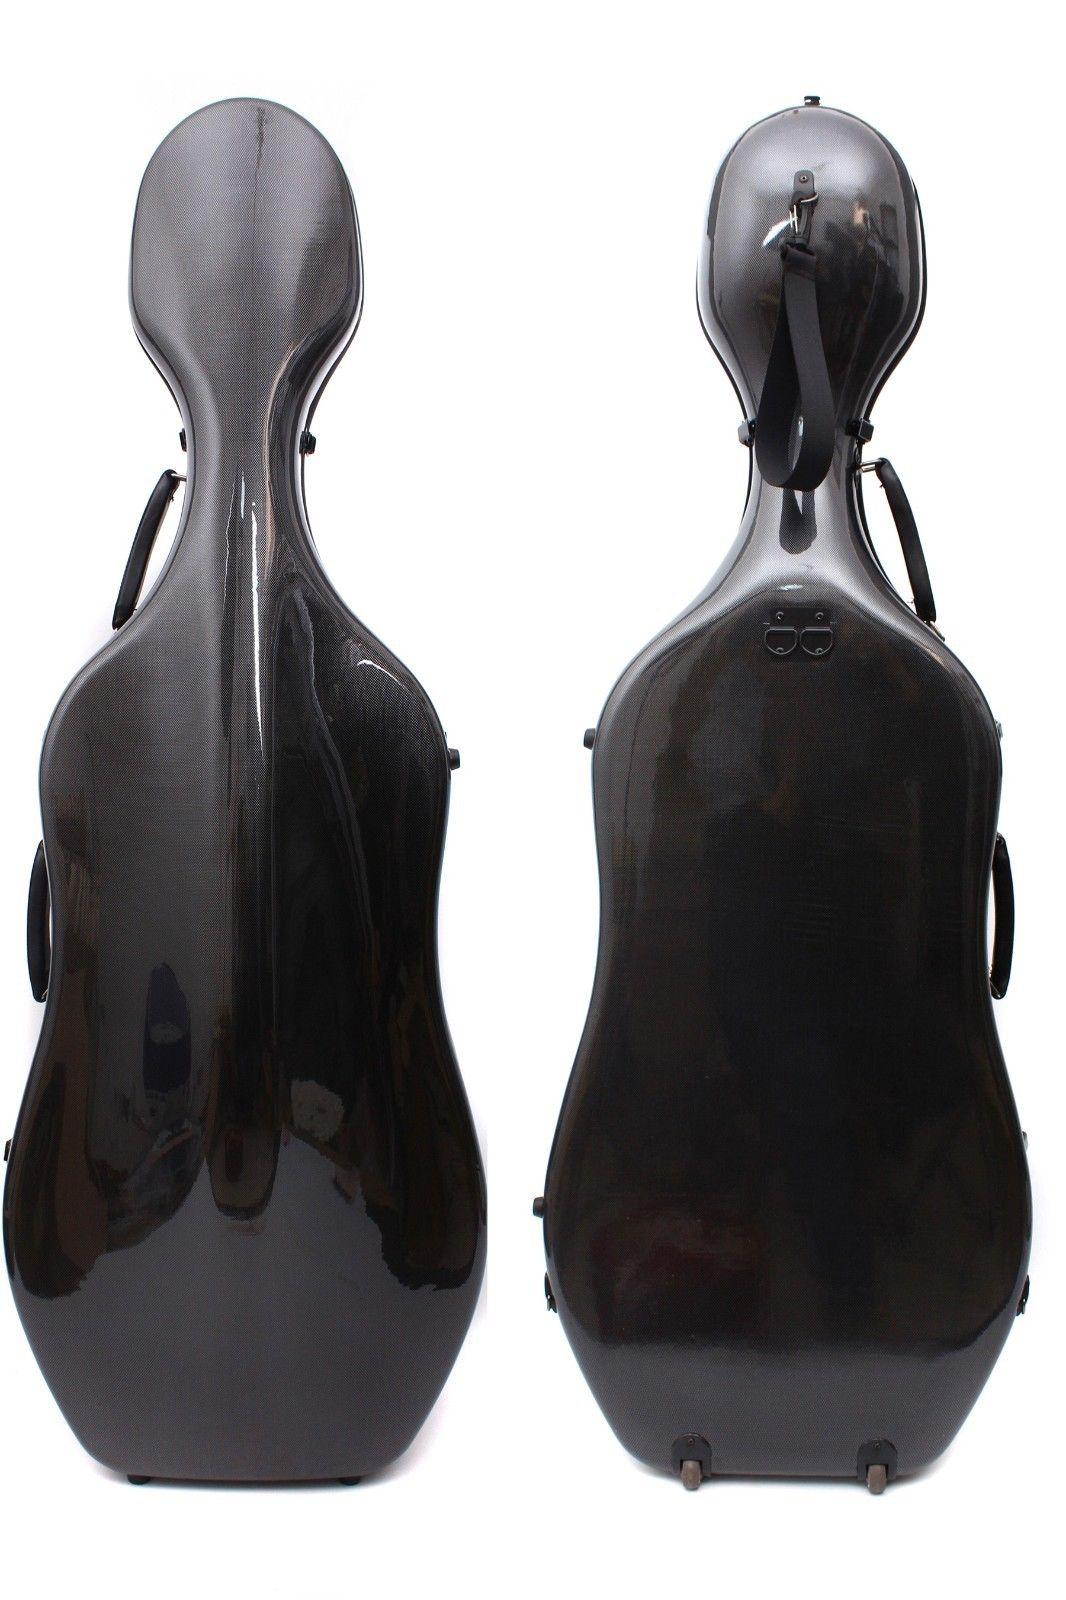 Funda de Violonchelo de fibra de carbono Yinfente 4/4 caja de violonchelo duro de alta resistencia de luz fuerte de 3,6 kg